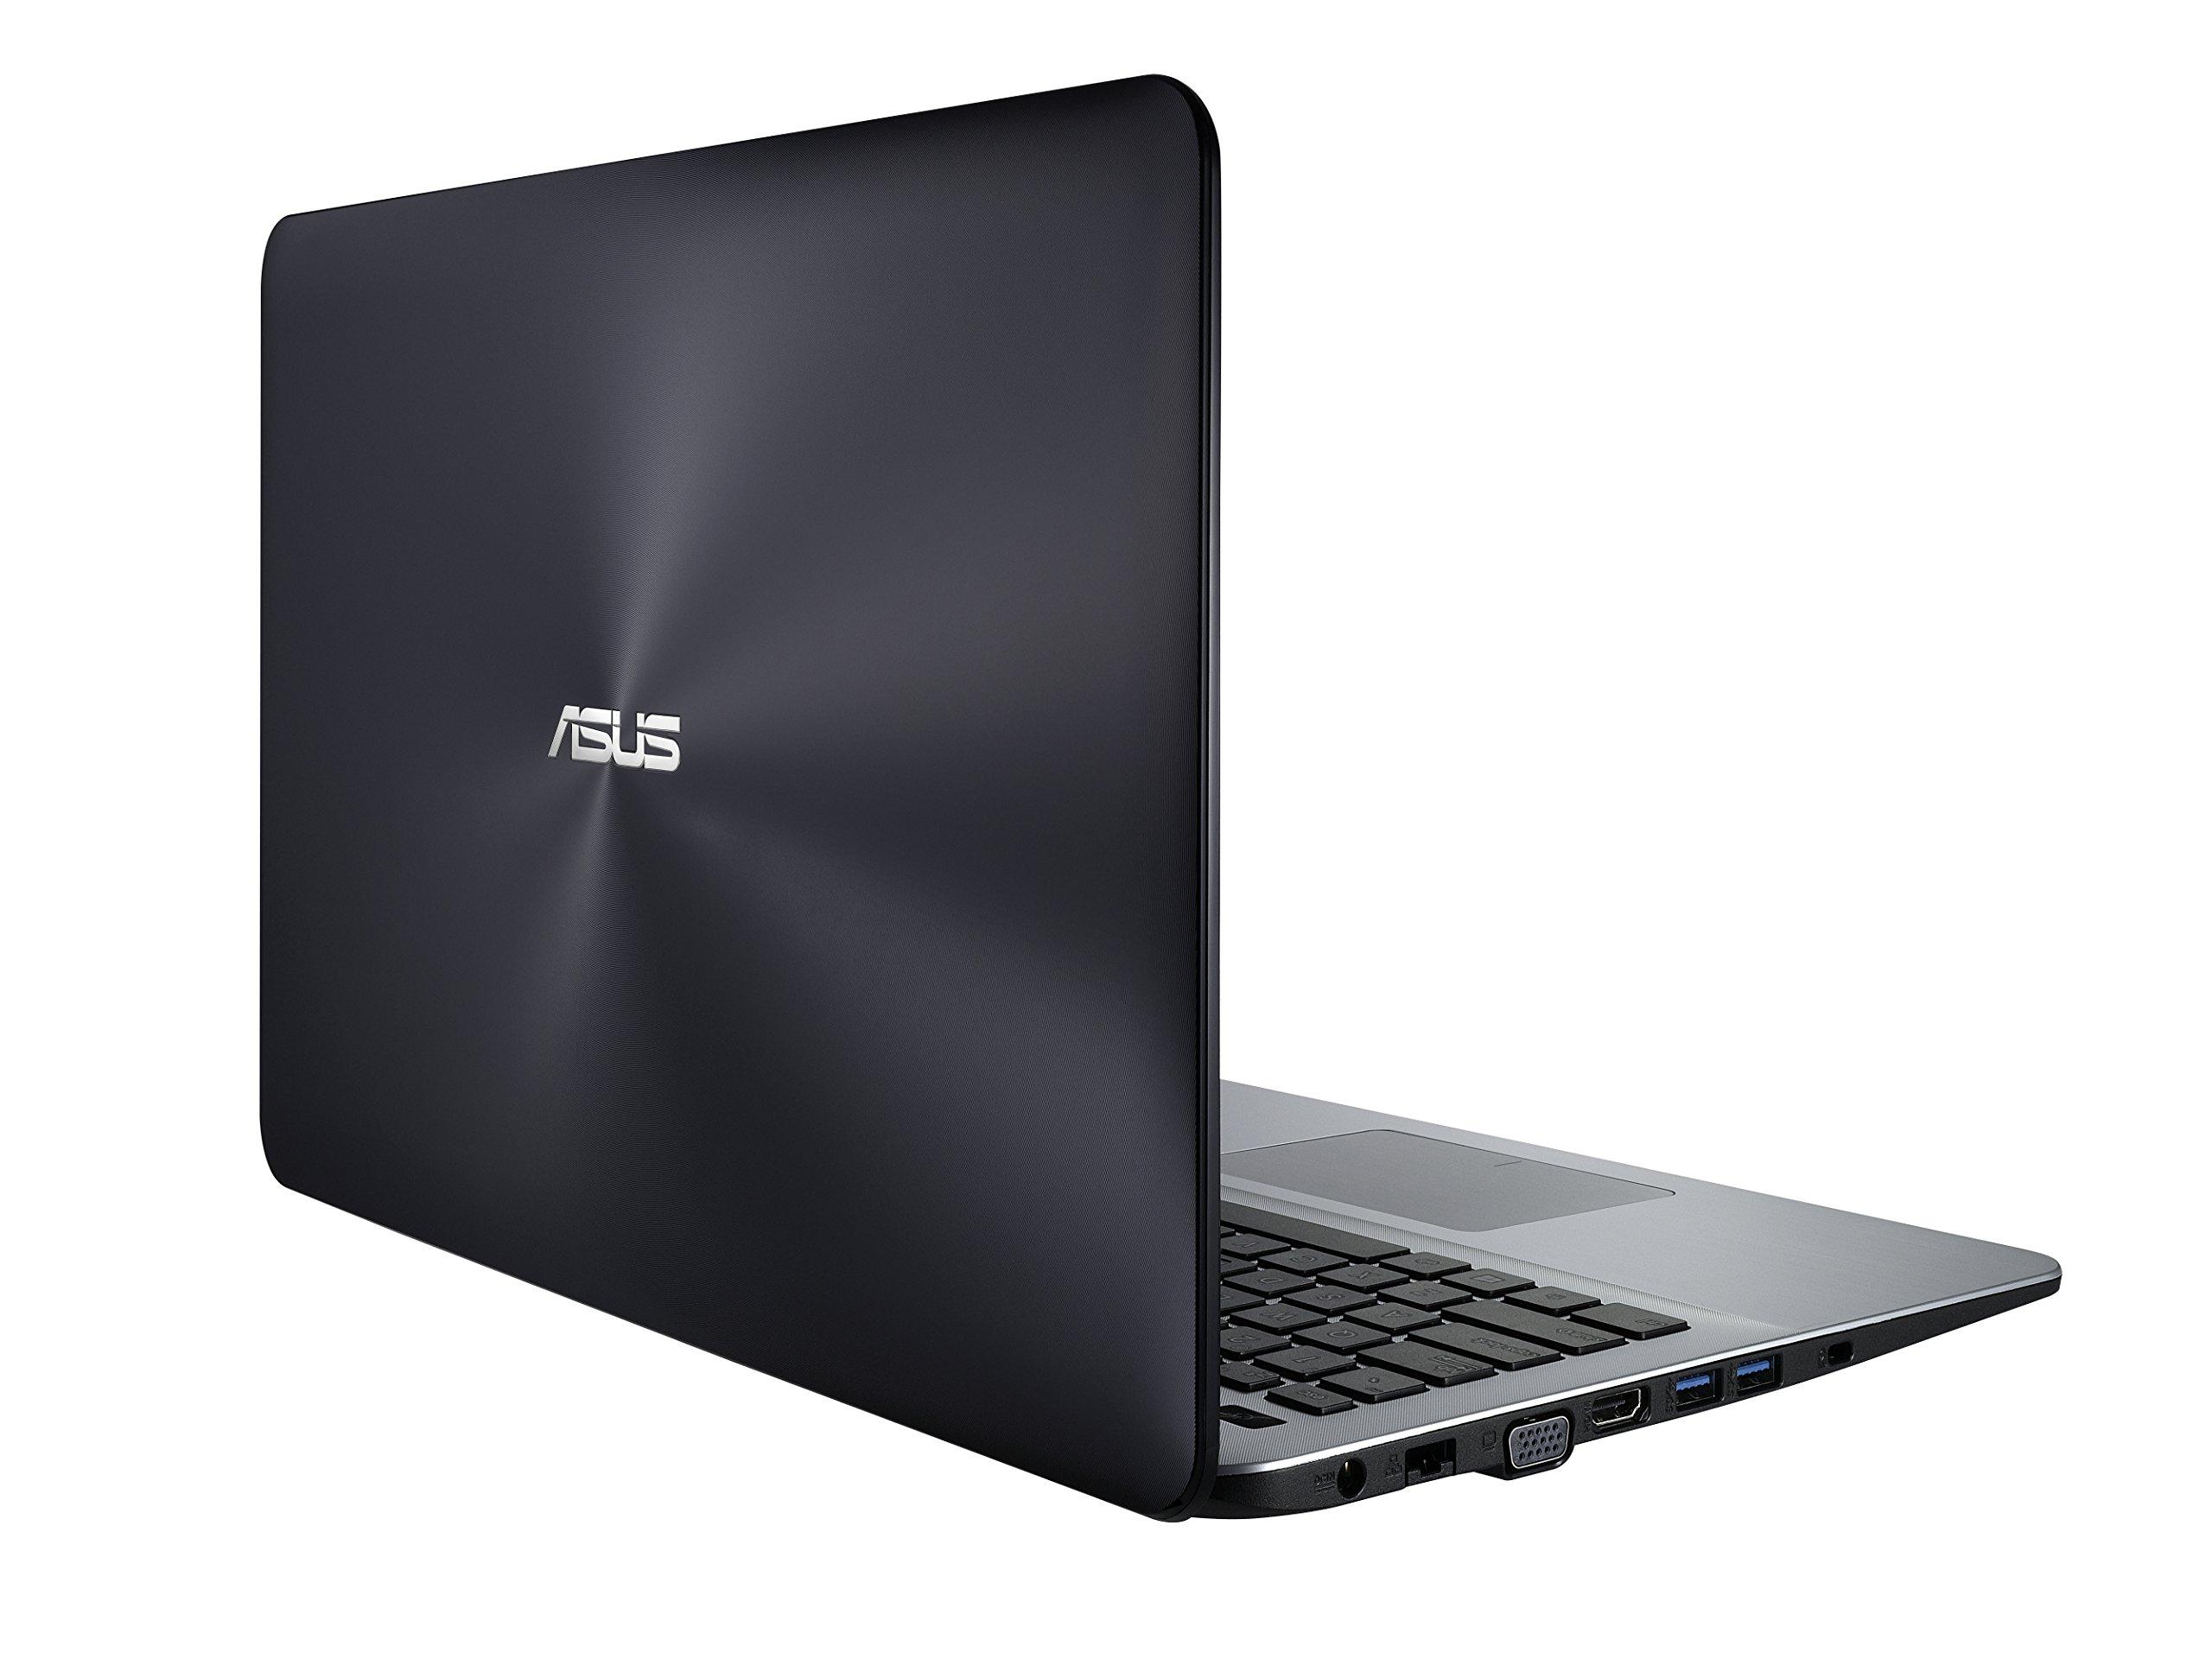 """ASUS X555QA Laptop, 15.6"""" HD, AMD Quad Core A12-9700P (Up to 3.4GHz) Processor, 8GB DDR4 RAM, 1TB Hybrid HDD, Windows 10… 2"""